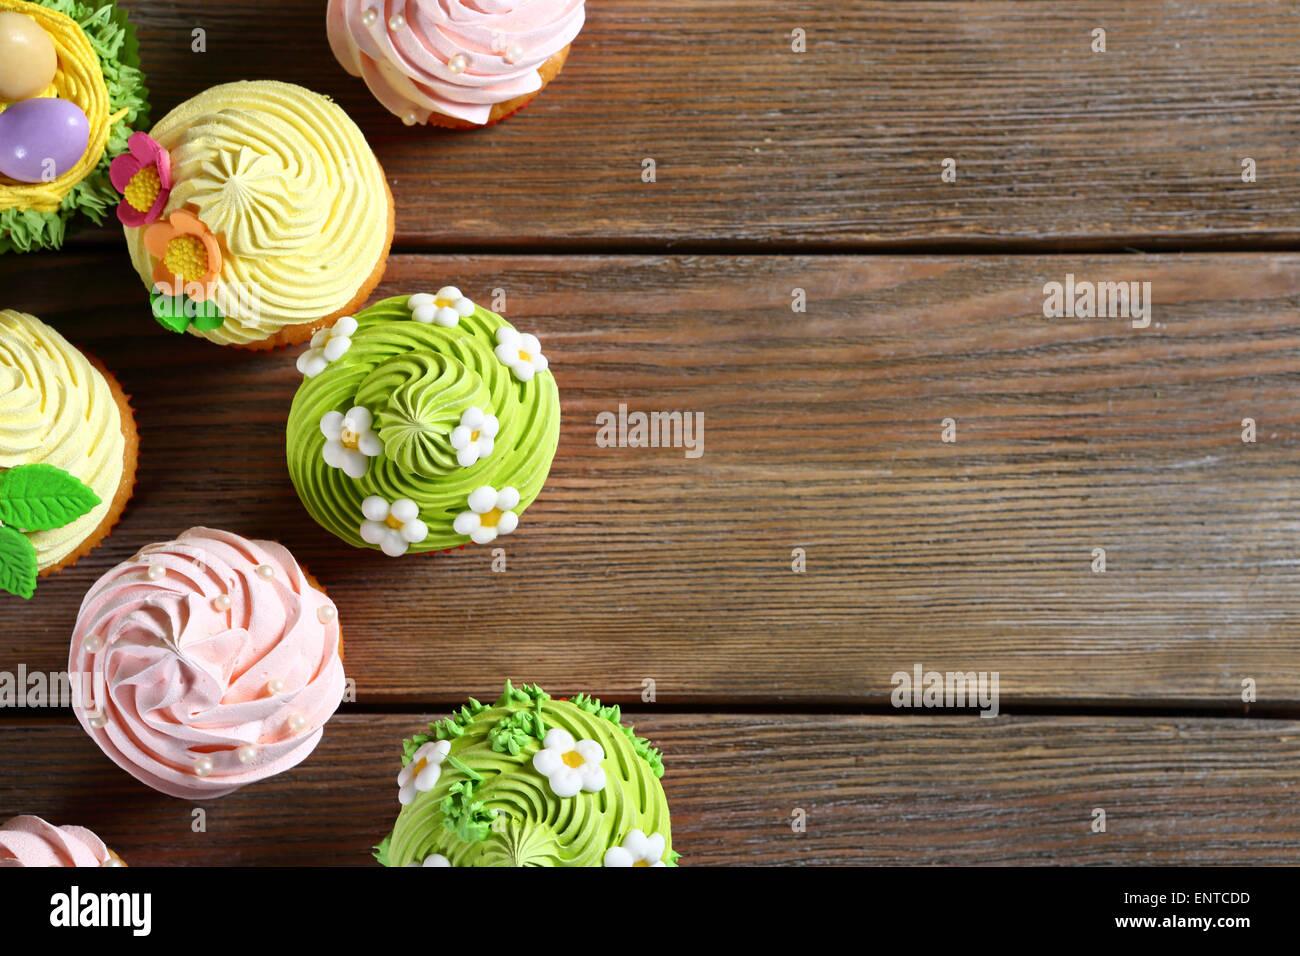 Pâtisserie de Pâques au printemps, de l'alimentation libre Photo Stock